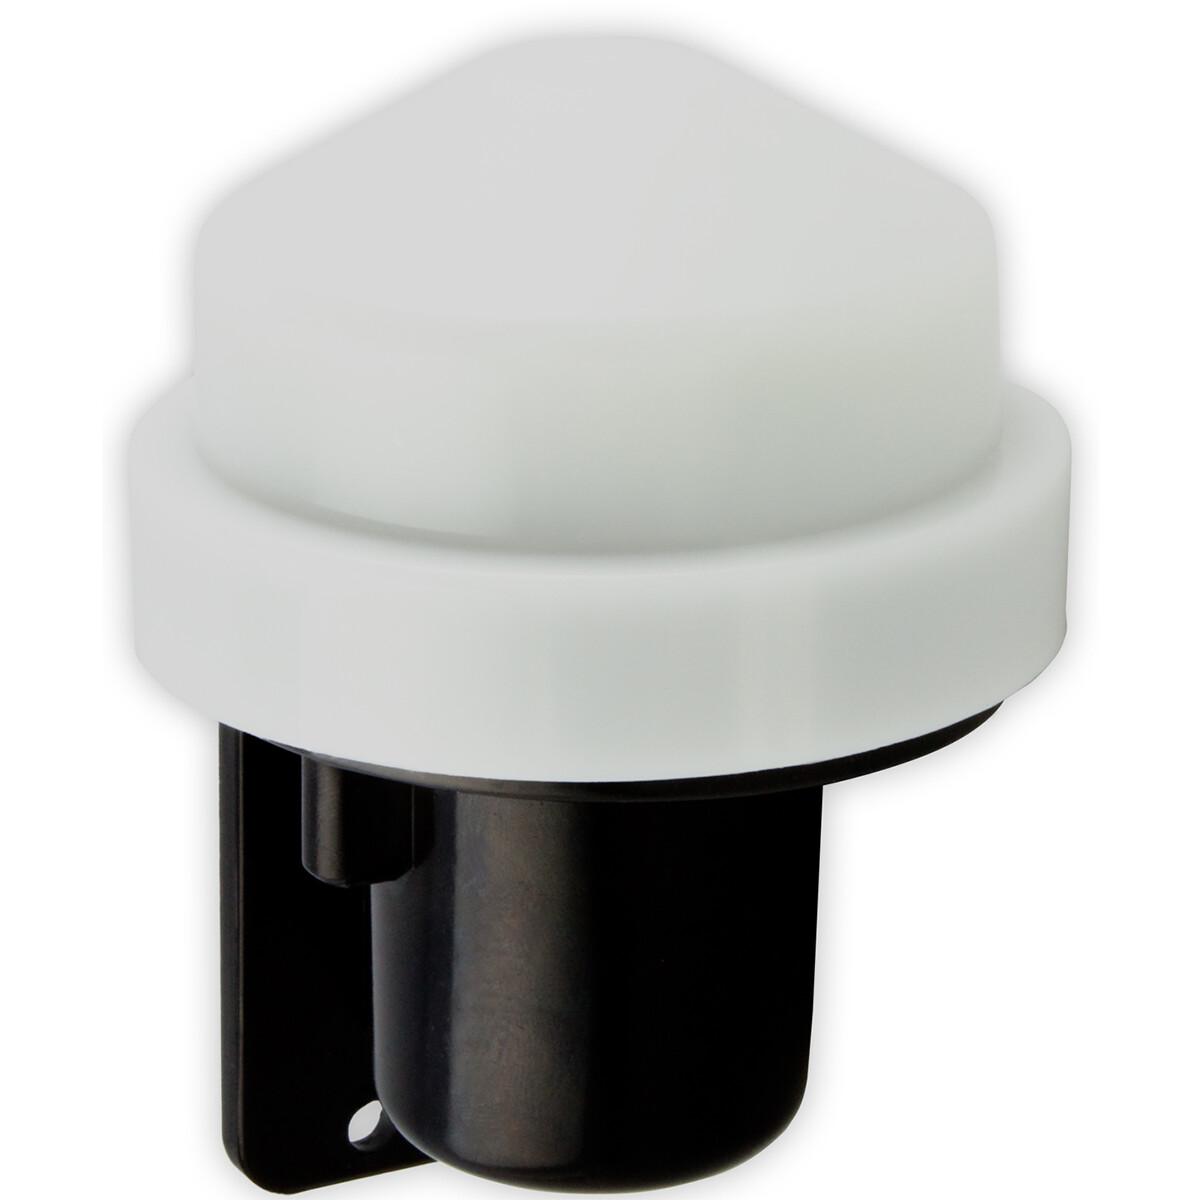 CALEX - Schemerschakelaar Lichtsensor - 1000W - Waterdicht - Rond - Zwart/Wit - Kunststof